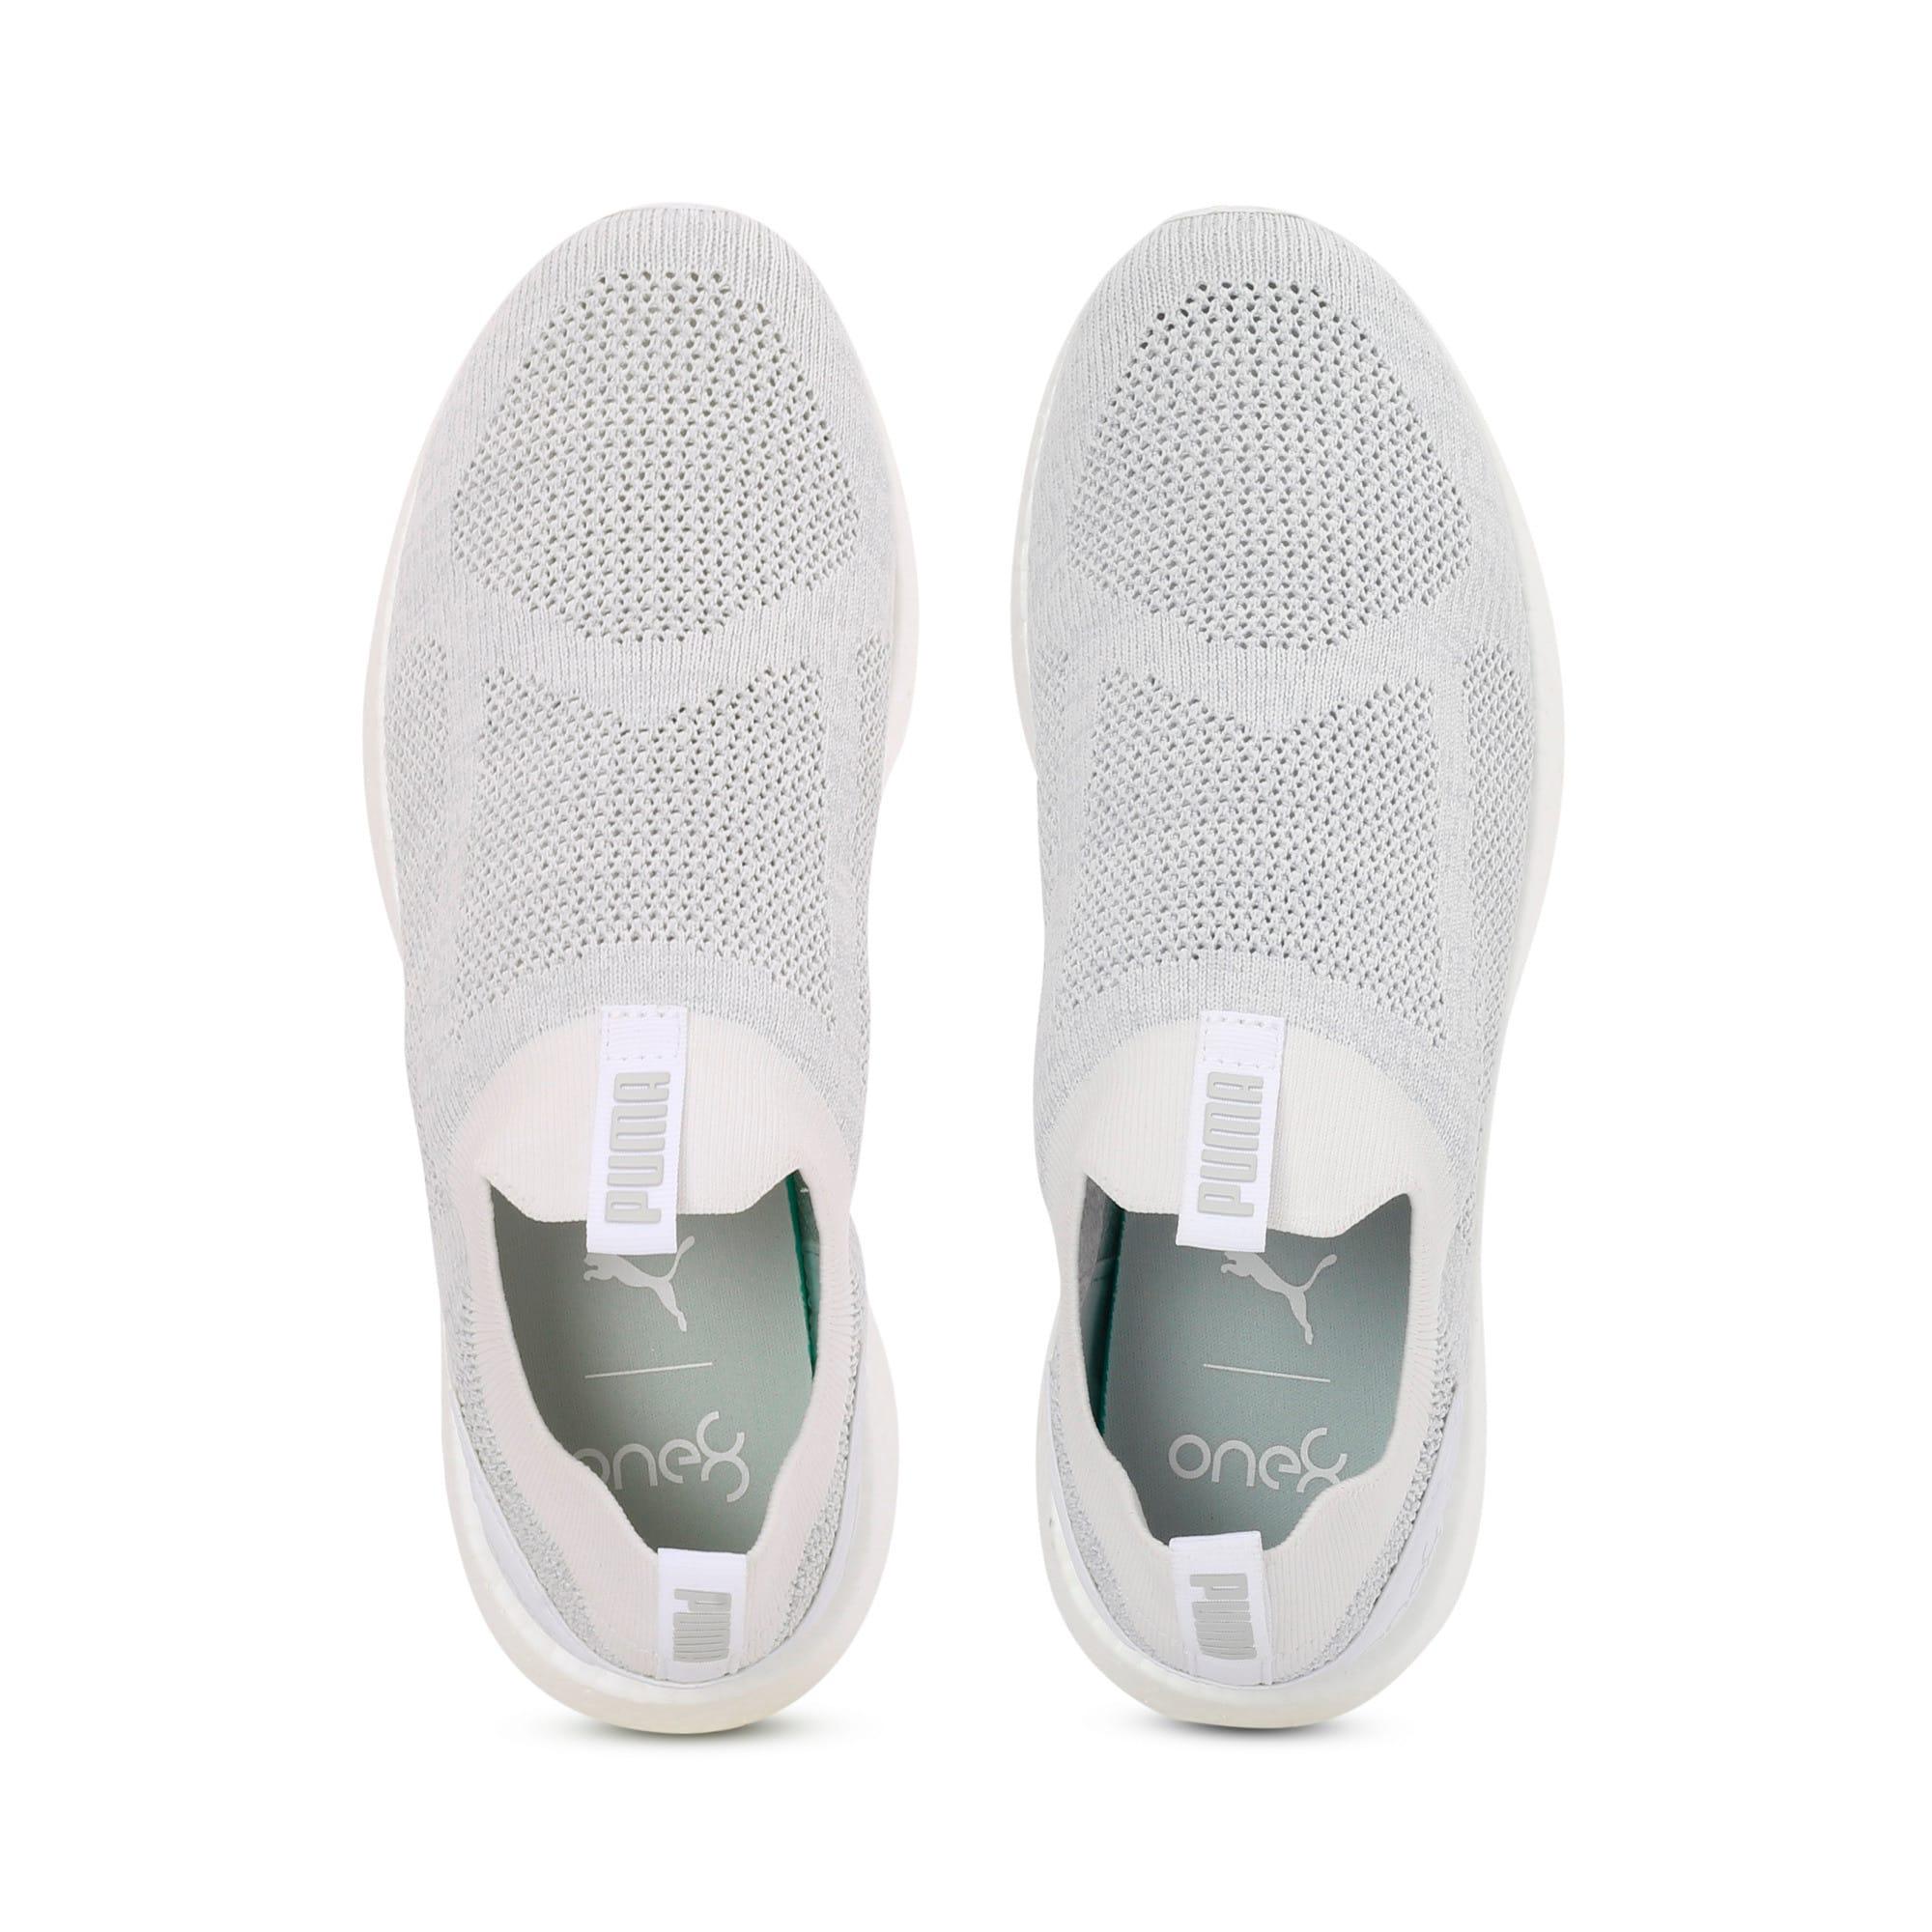 Thumbnail 6 of NRGY Neko Slip-On one8 Unisex Running Shoes, Puma White-Glacier Gray, medium-IND